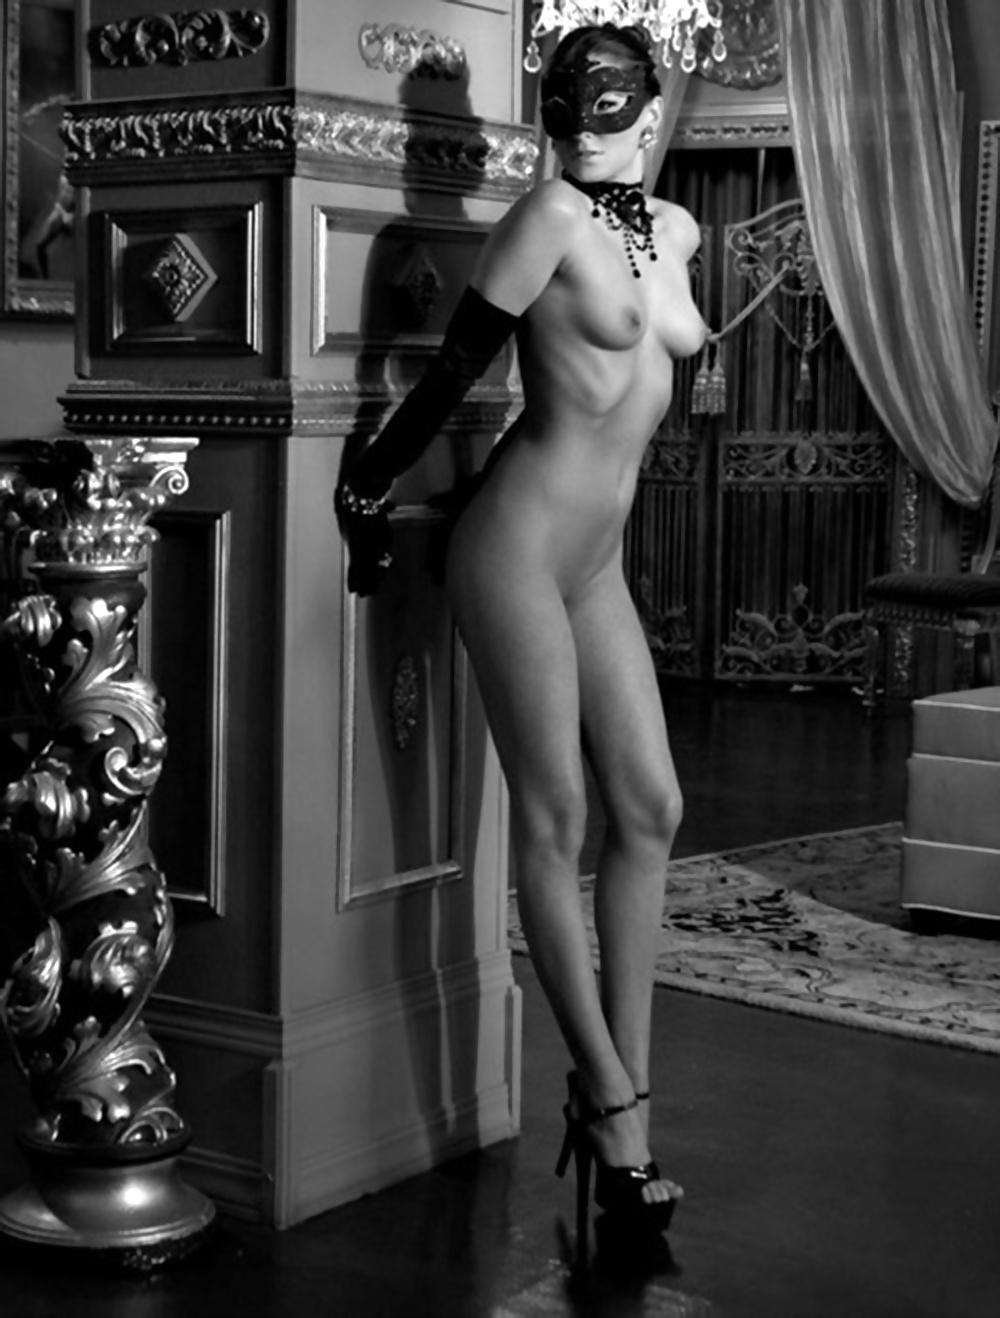 Эротические маски викторианского стиля, порно каблучки лесбиянки